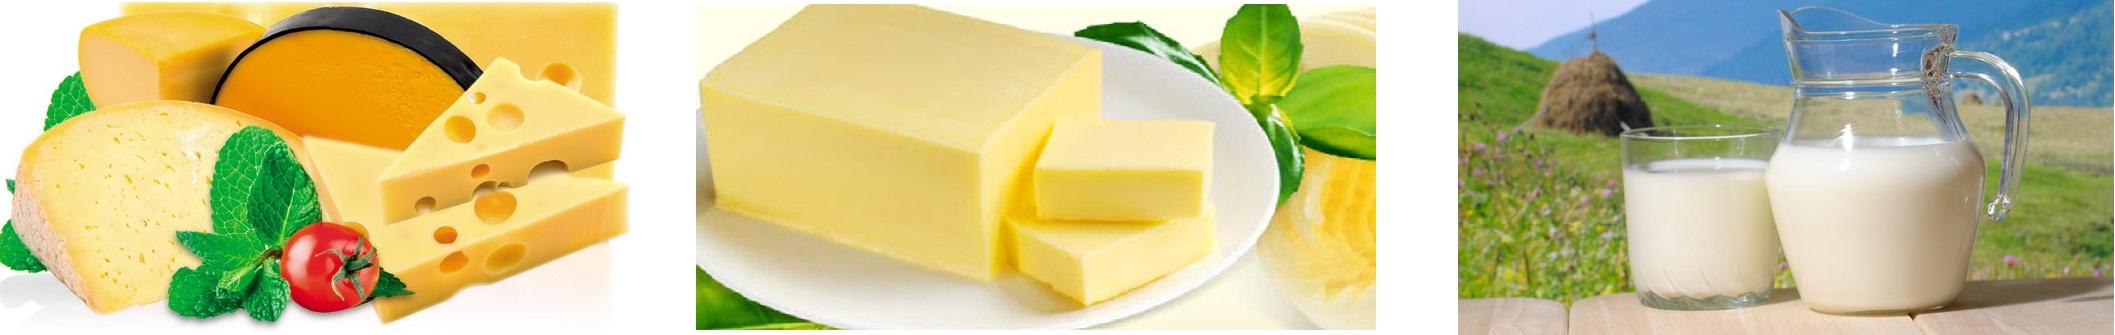 сыр масло молоко